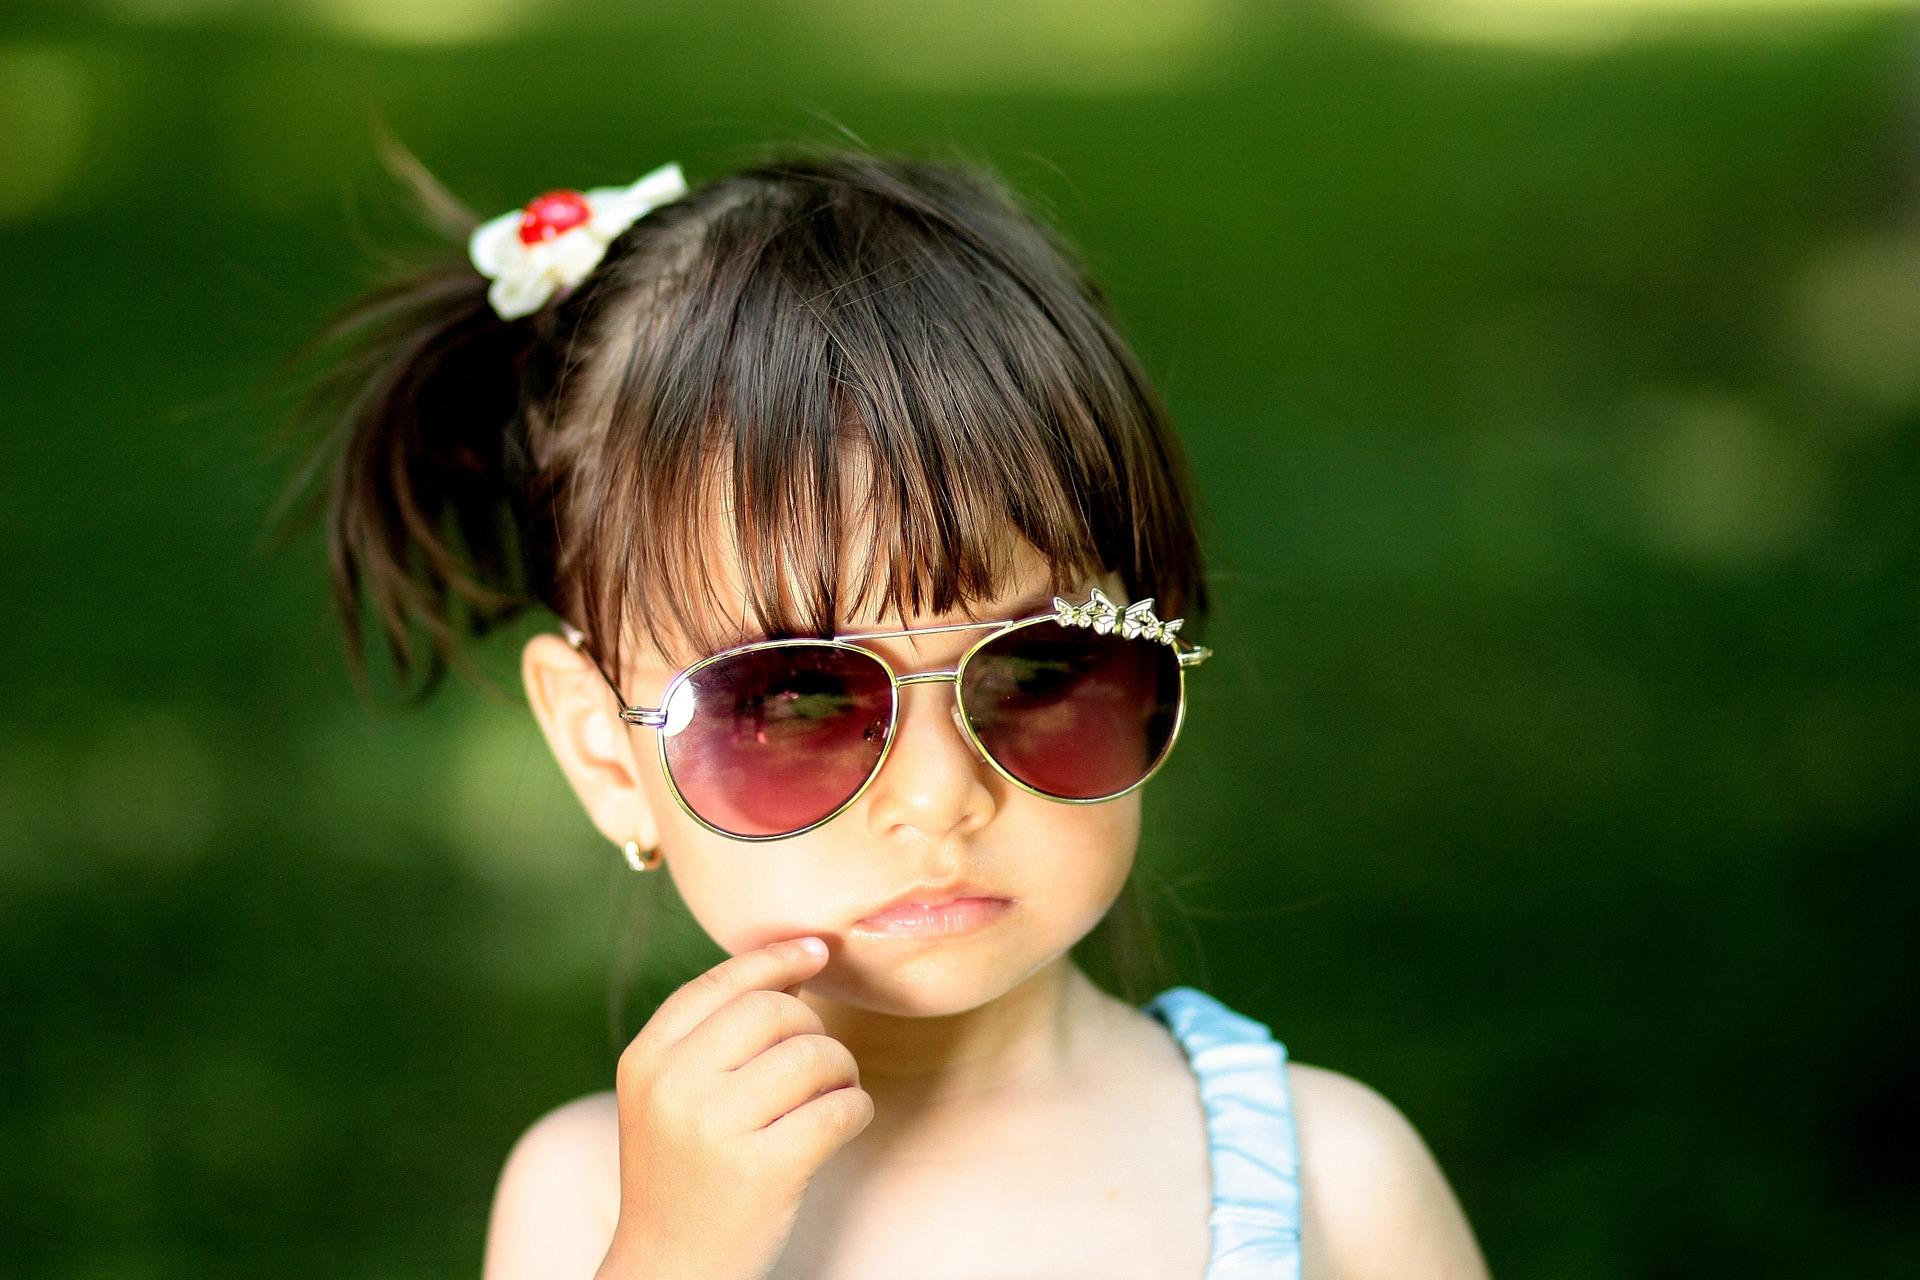 06393fb232f1b Como proteger os olhos das crianças do sol